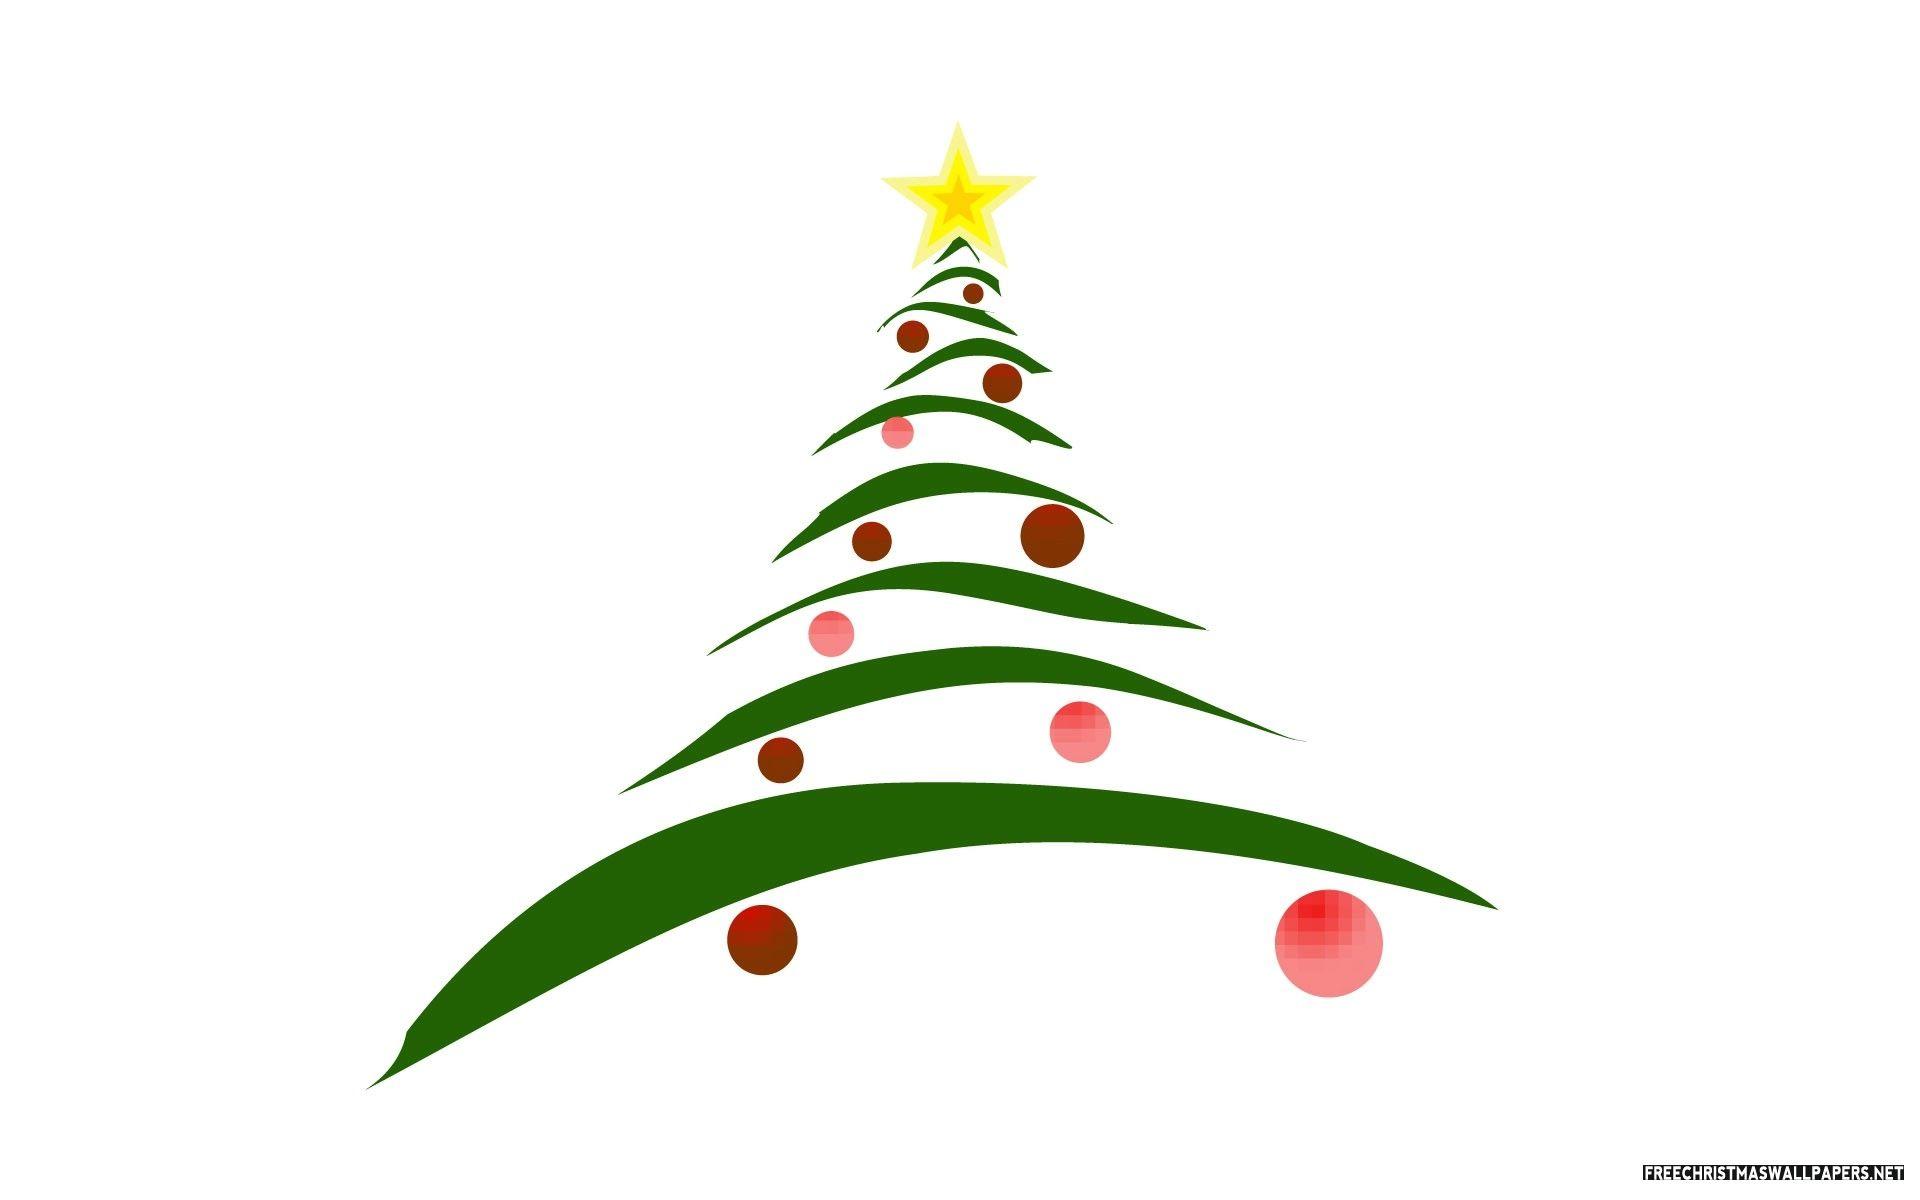 Simplified Christmas Tree Christmas Tree Wallpaper Christmas Tree Drawing Christmas Tree Images